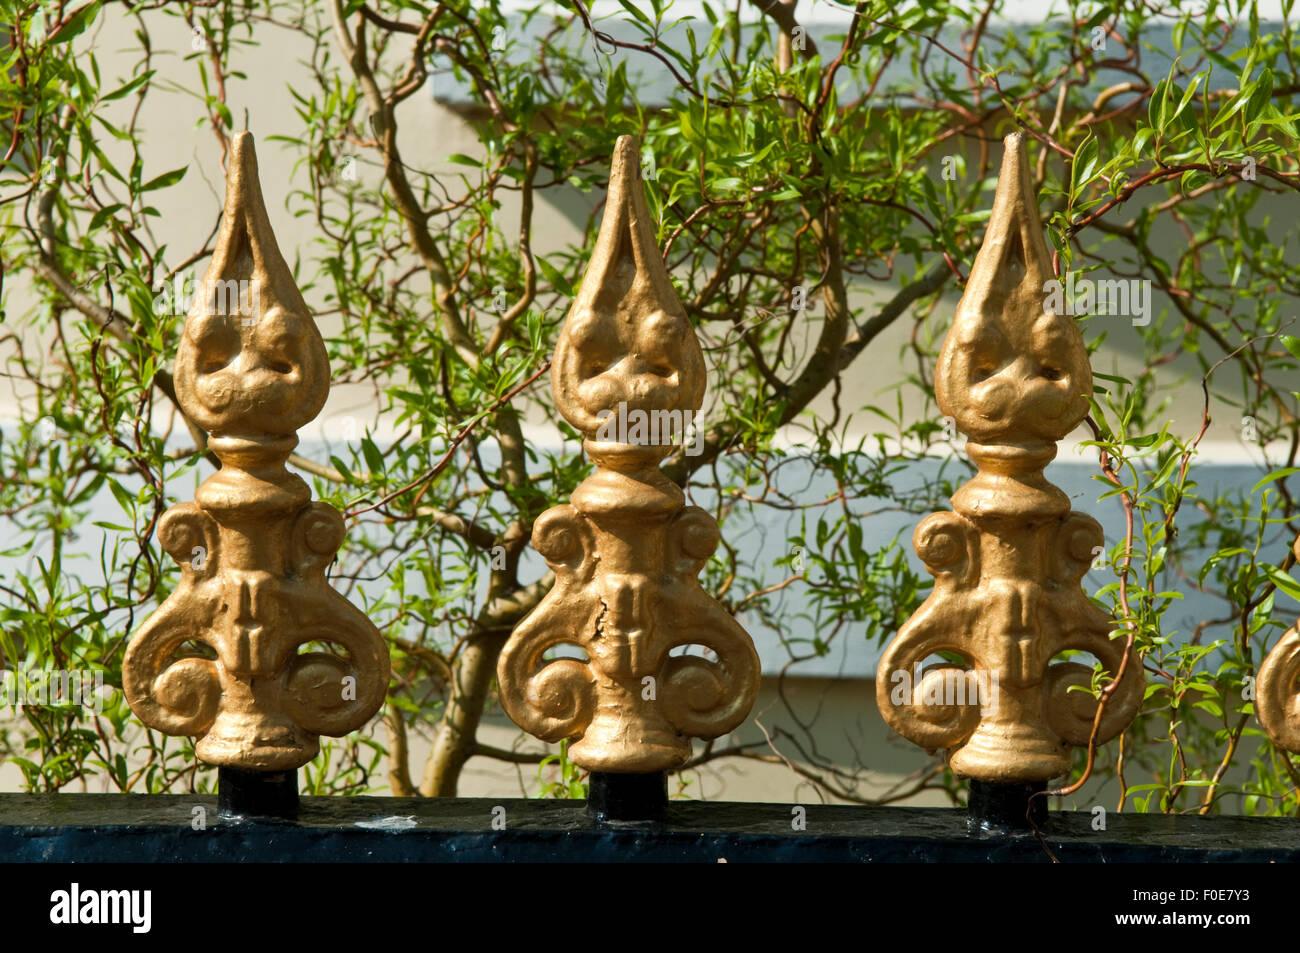 Drei dekorative Gold lackiert Metall-Spikes auf einem gusseisernen Zaun Geländer Stockbild